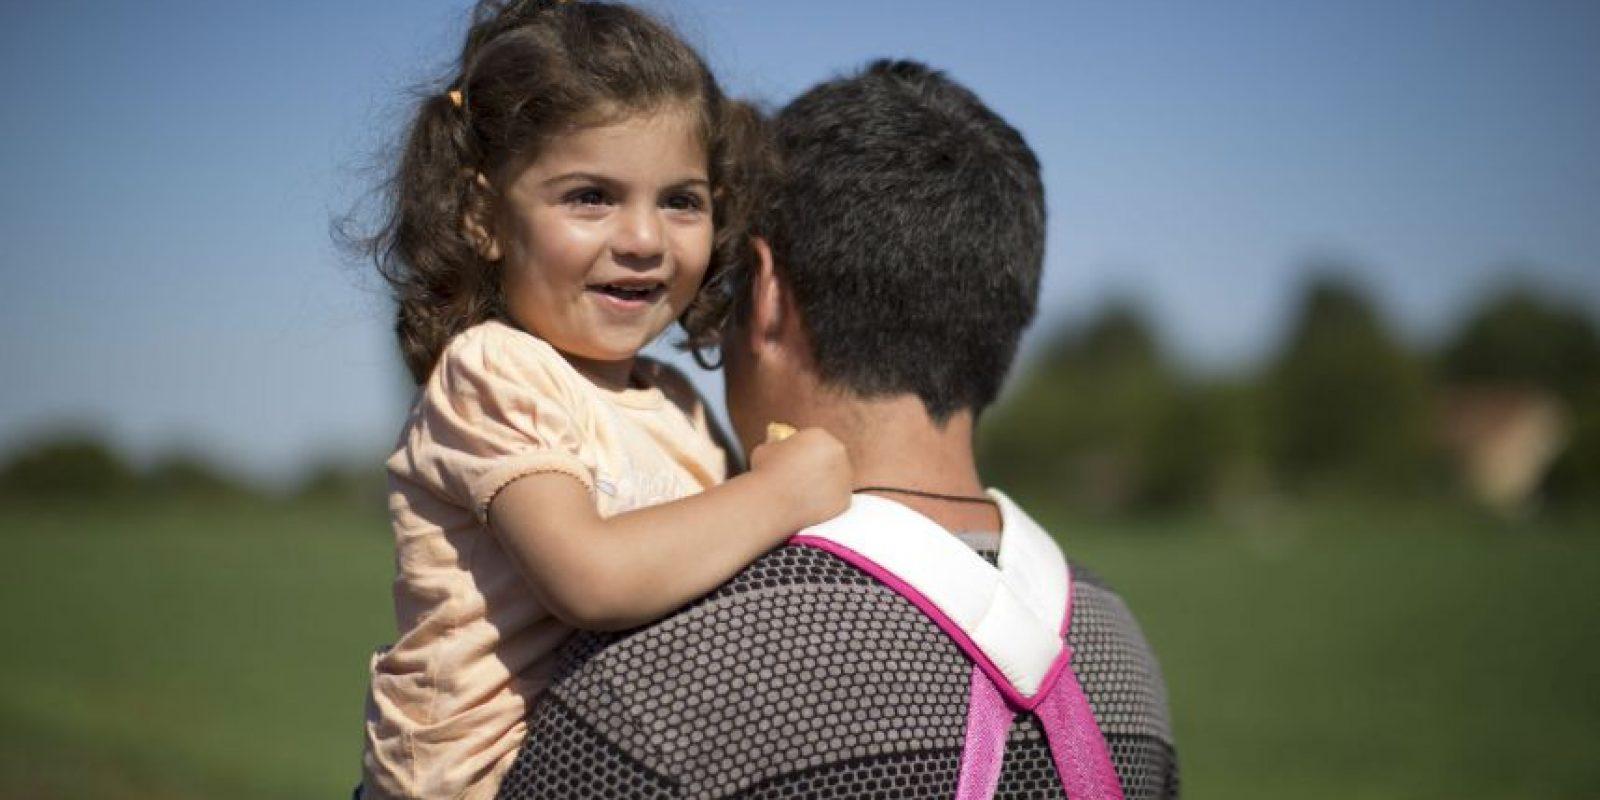 La organización es la entidad independiente más grande del mundo dedicada a ayudar a los niños. Foto:Getty Images